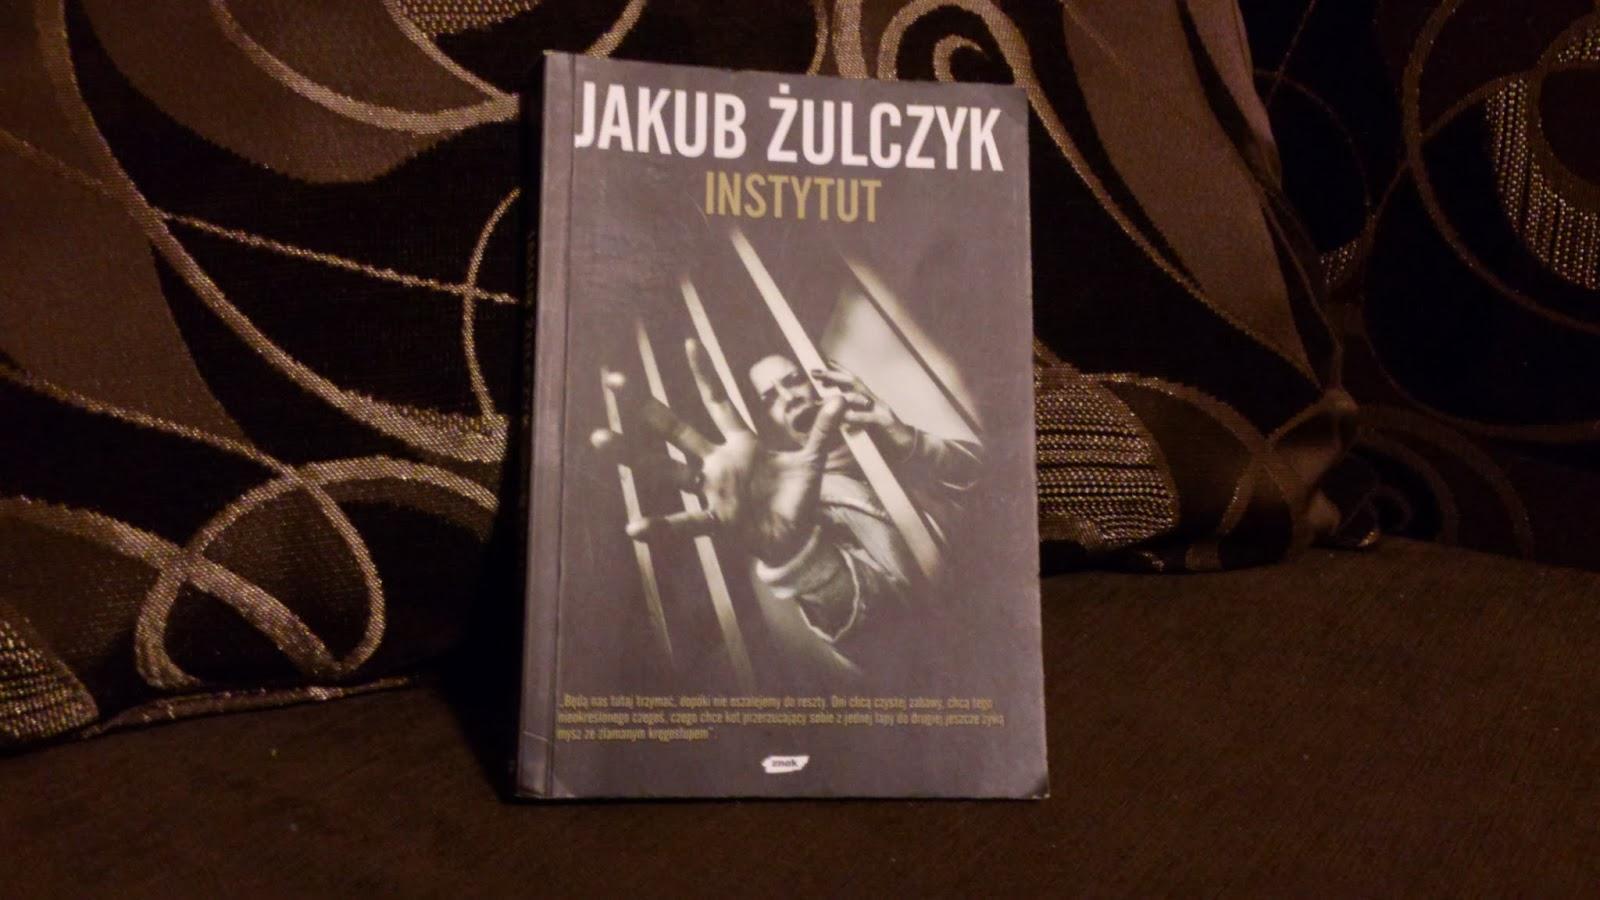 Dom - (nie)bezpieczna przystań - Insytut, Jakub Żulczyk